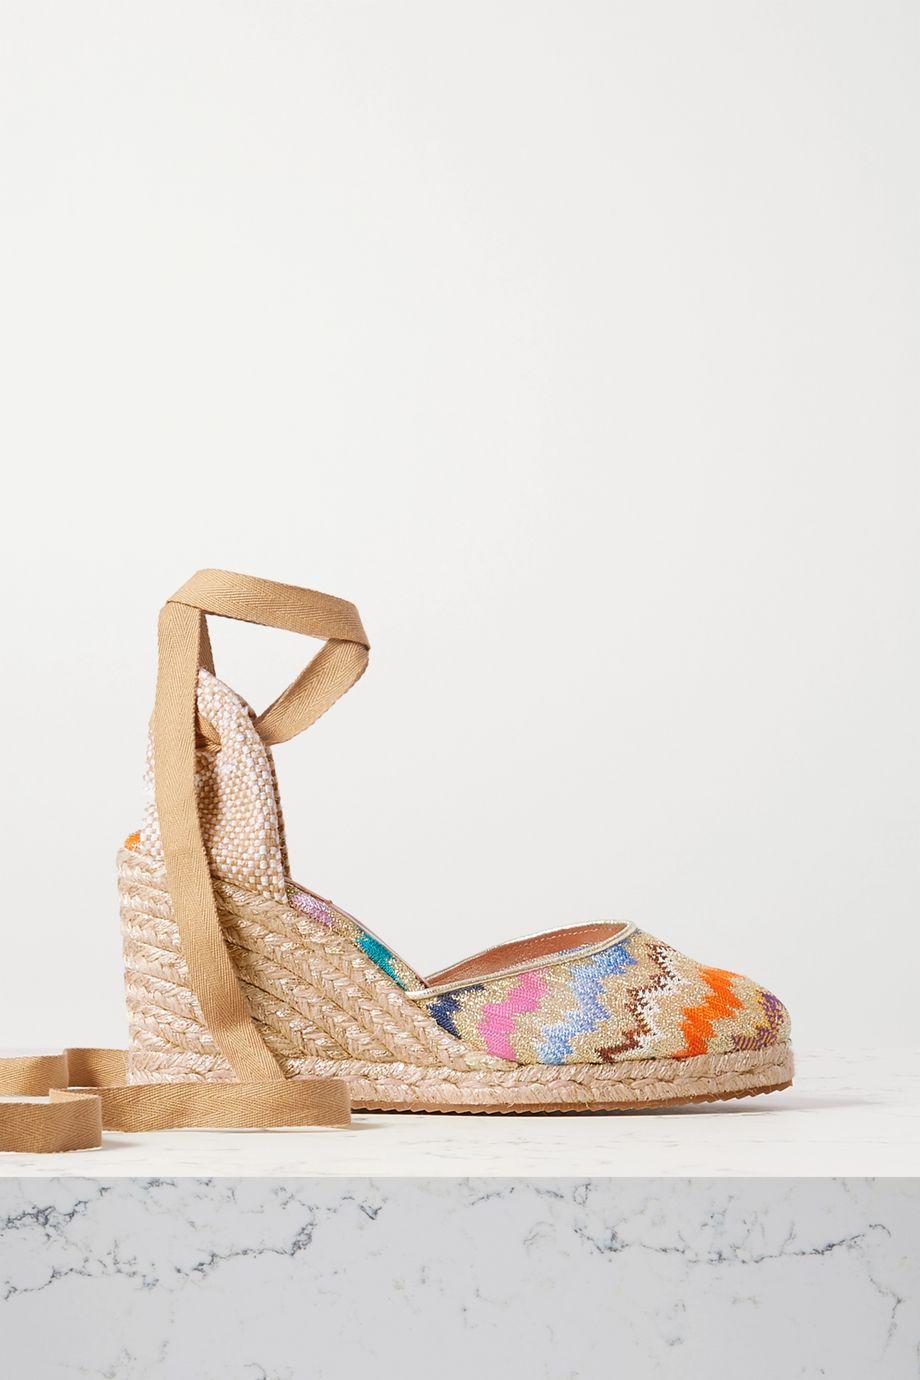 Missoni Sandales compensées façon espadrilles en mailles crochetées, toile et cuir métallisé